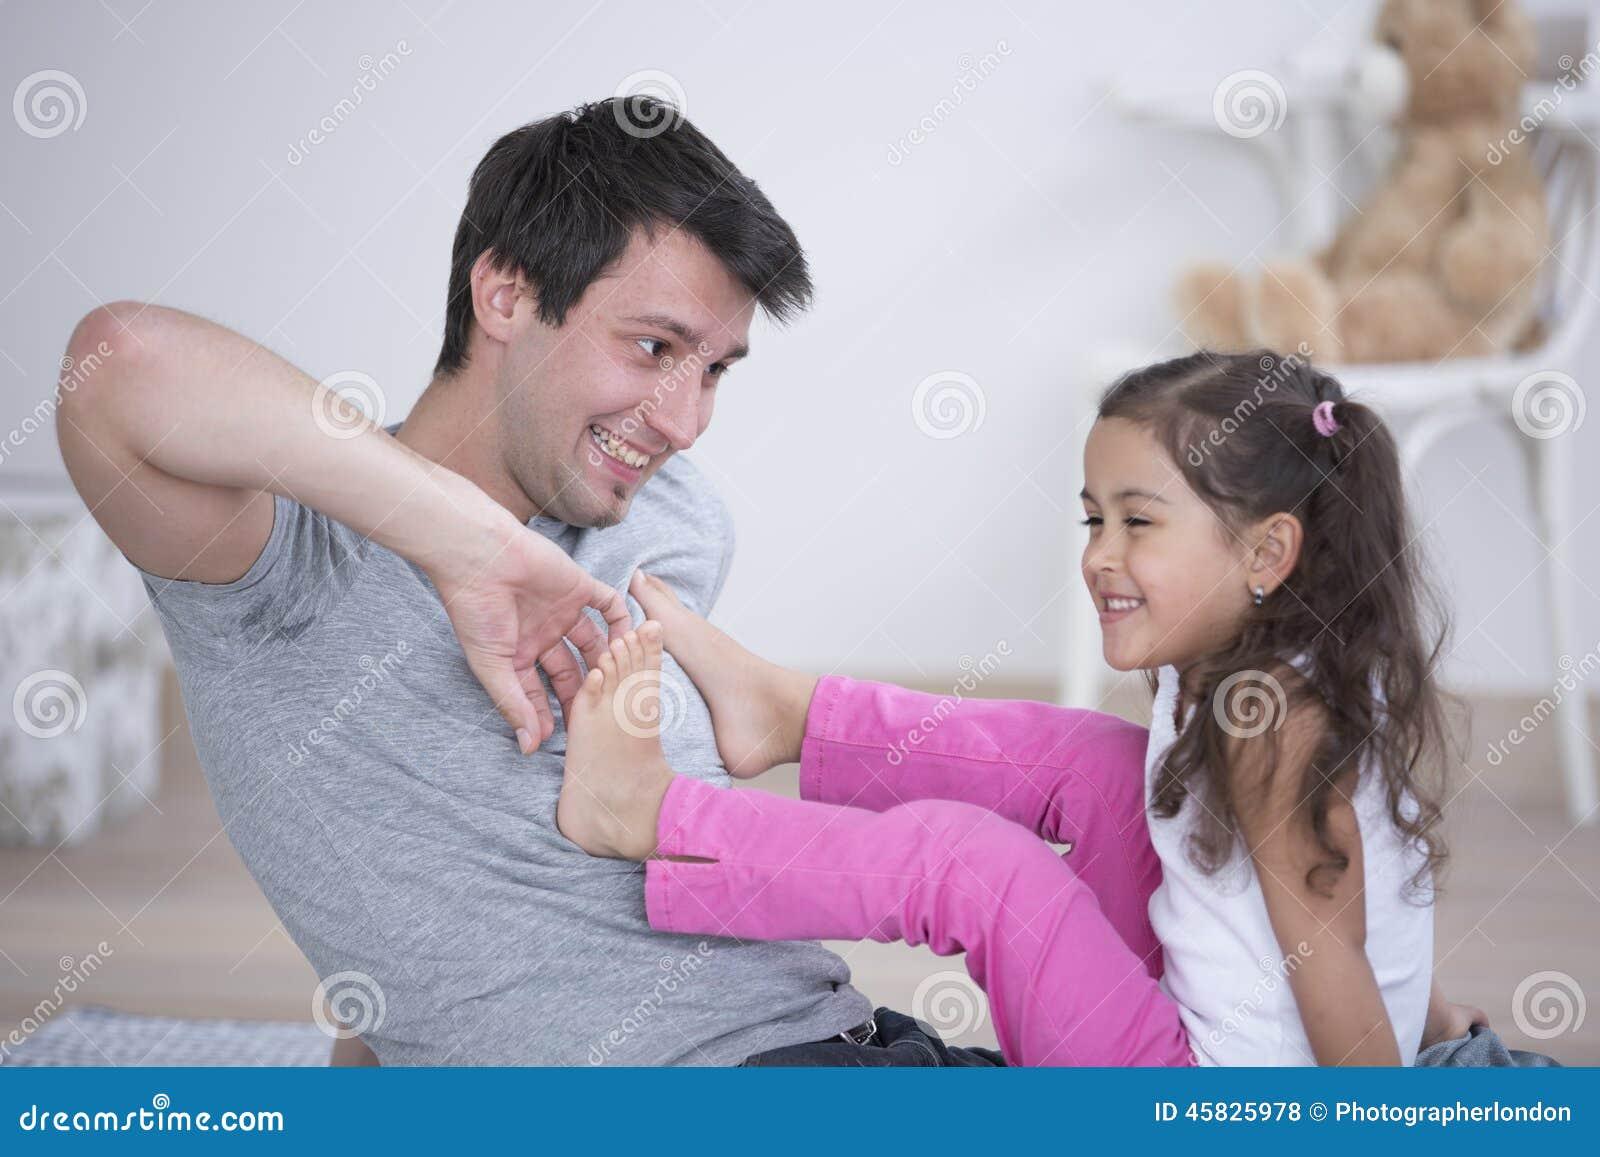 Трахнул свою дочь и мать, Секс с дочерью » Порно мамочки онлайн Full HD 27 фотография